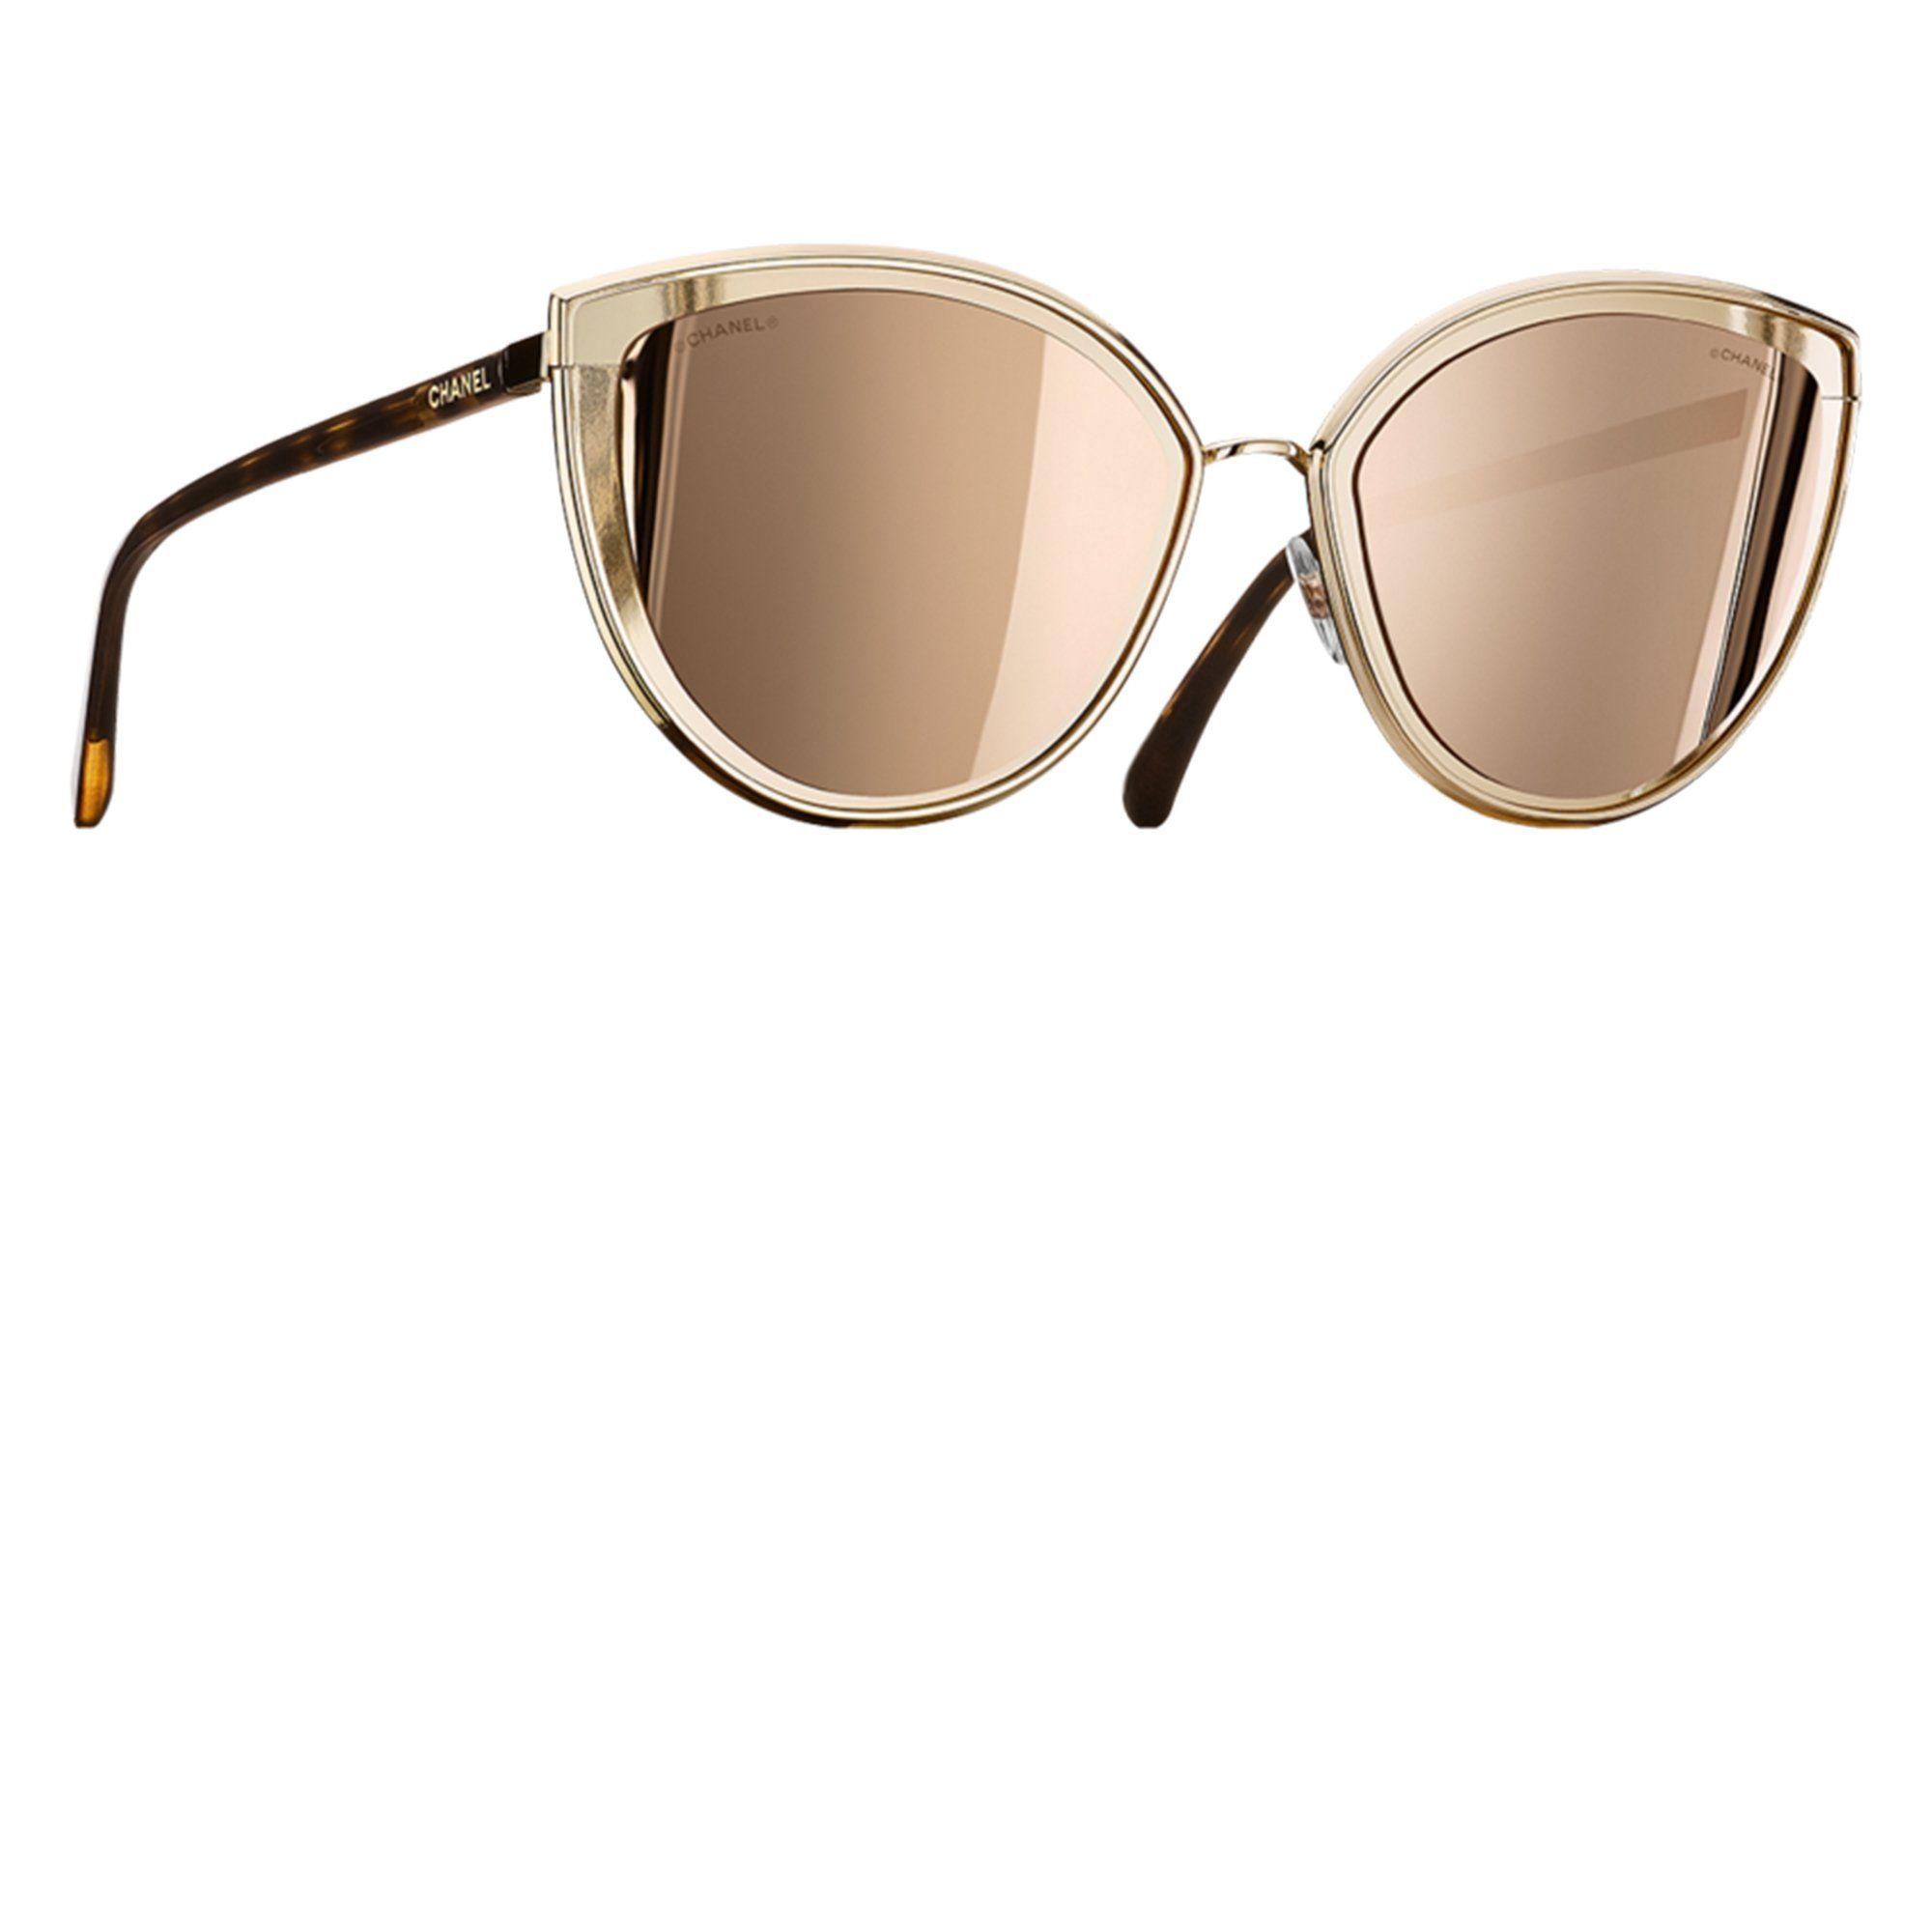 Lunettes De Soleil Eye Eye Fashion Beautiful Sunglasses Lunette Or En Or Noir OCCdfpCJQ8